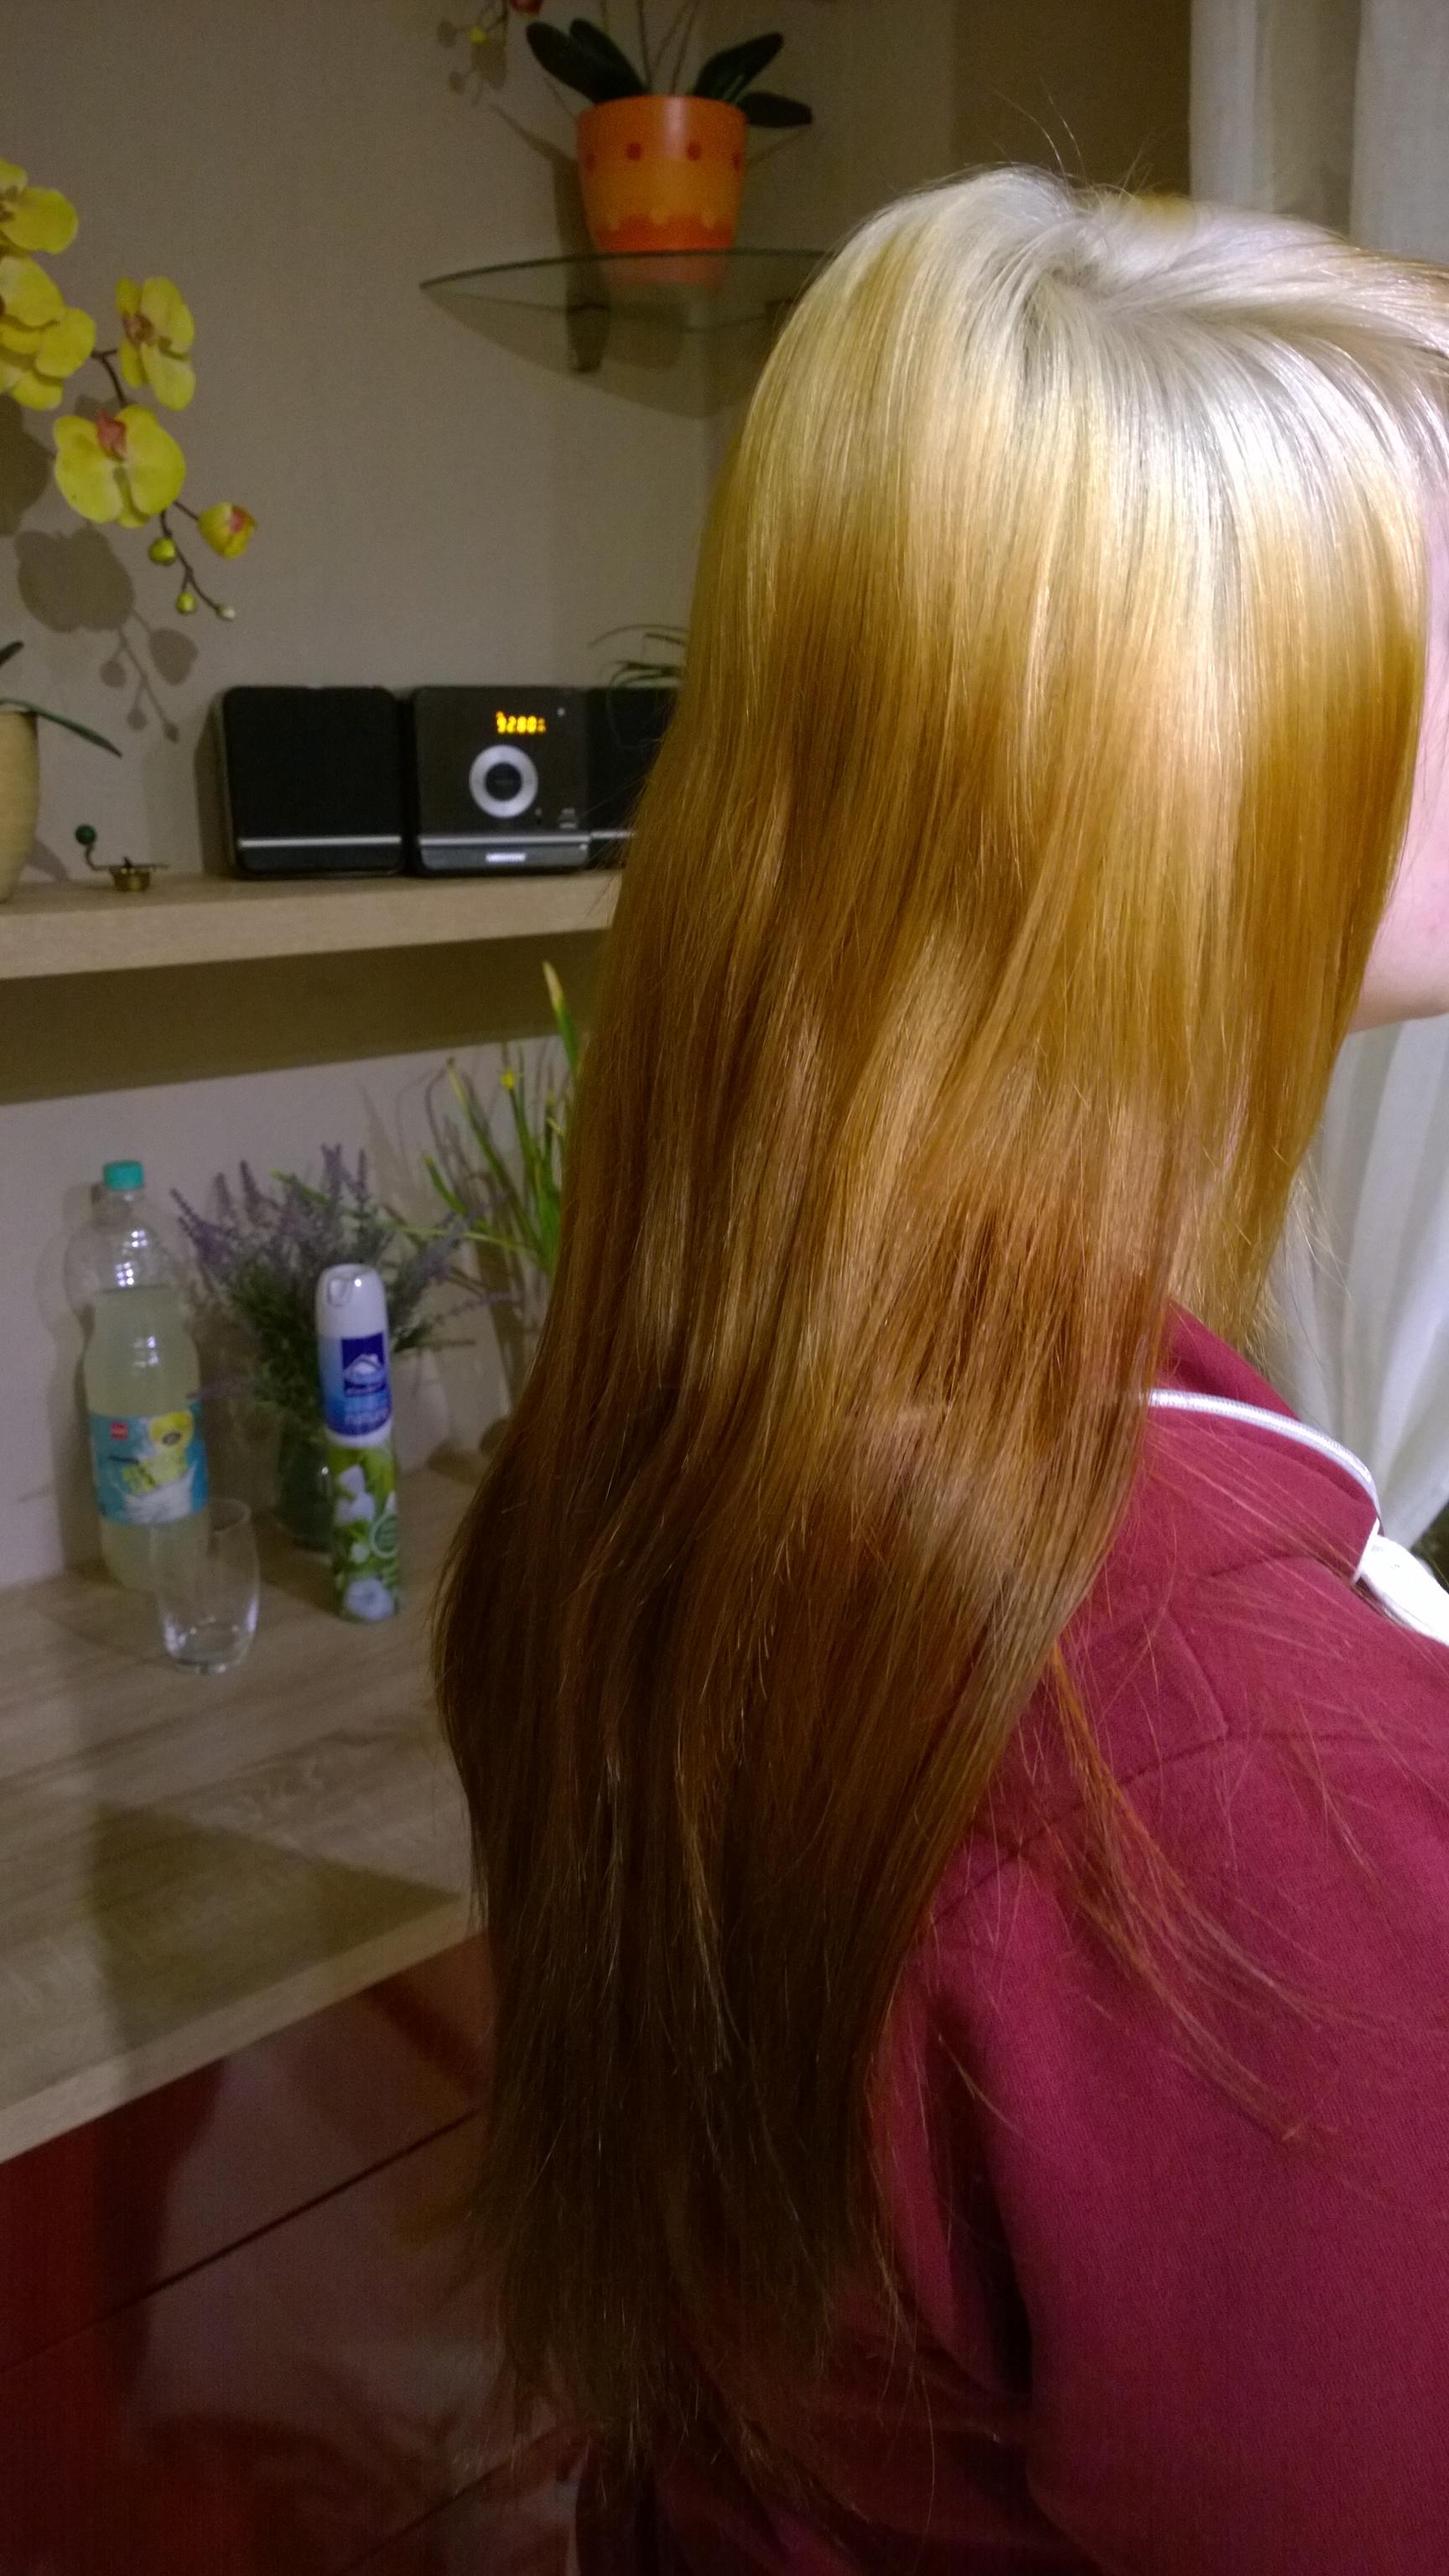 FARBUNFALL! orange - braune haare durch blondieren